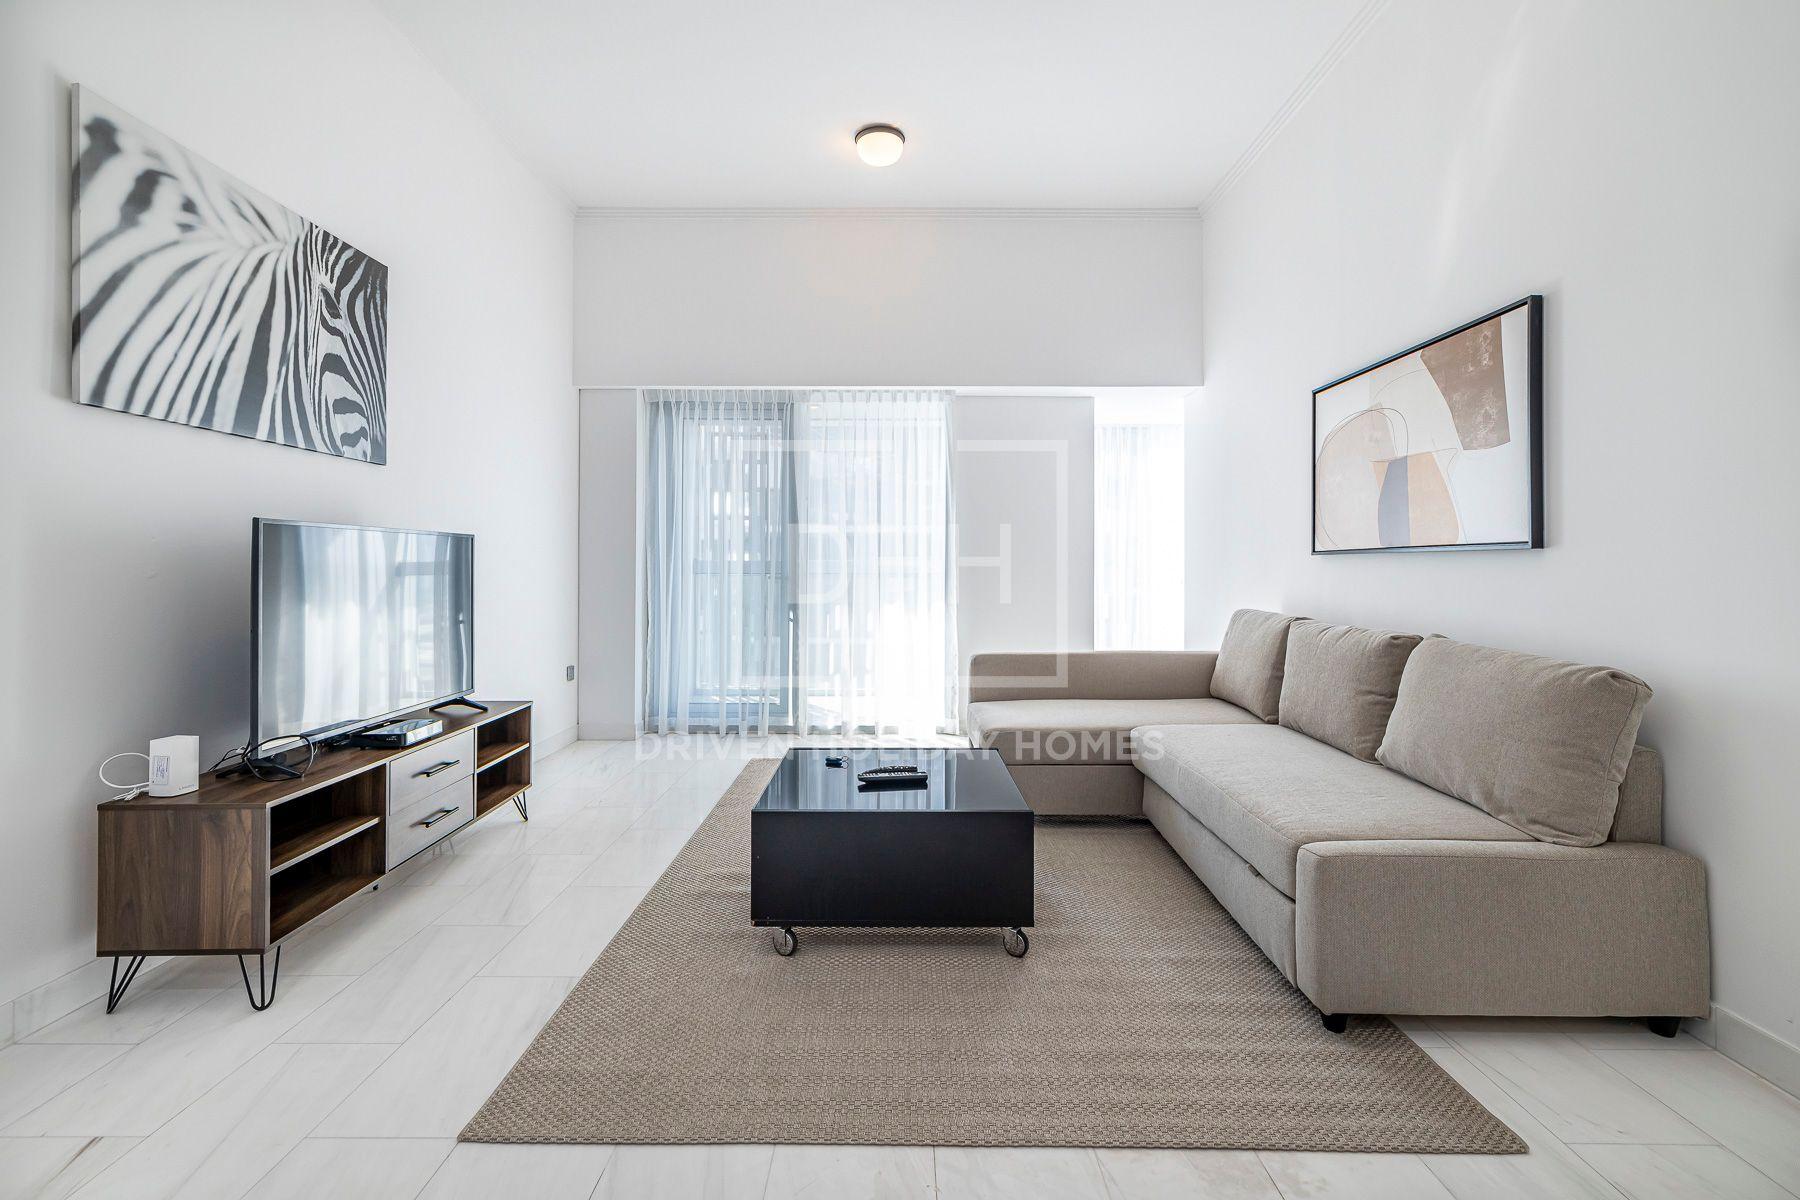 875 قدم مربع  شقة - للايجار - دبي مارينا